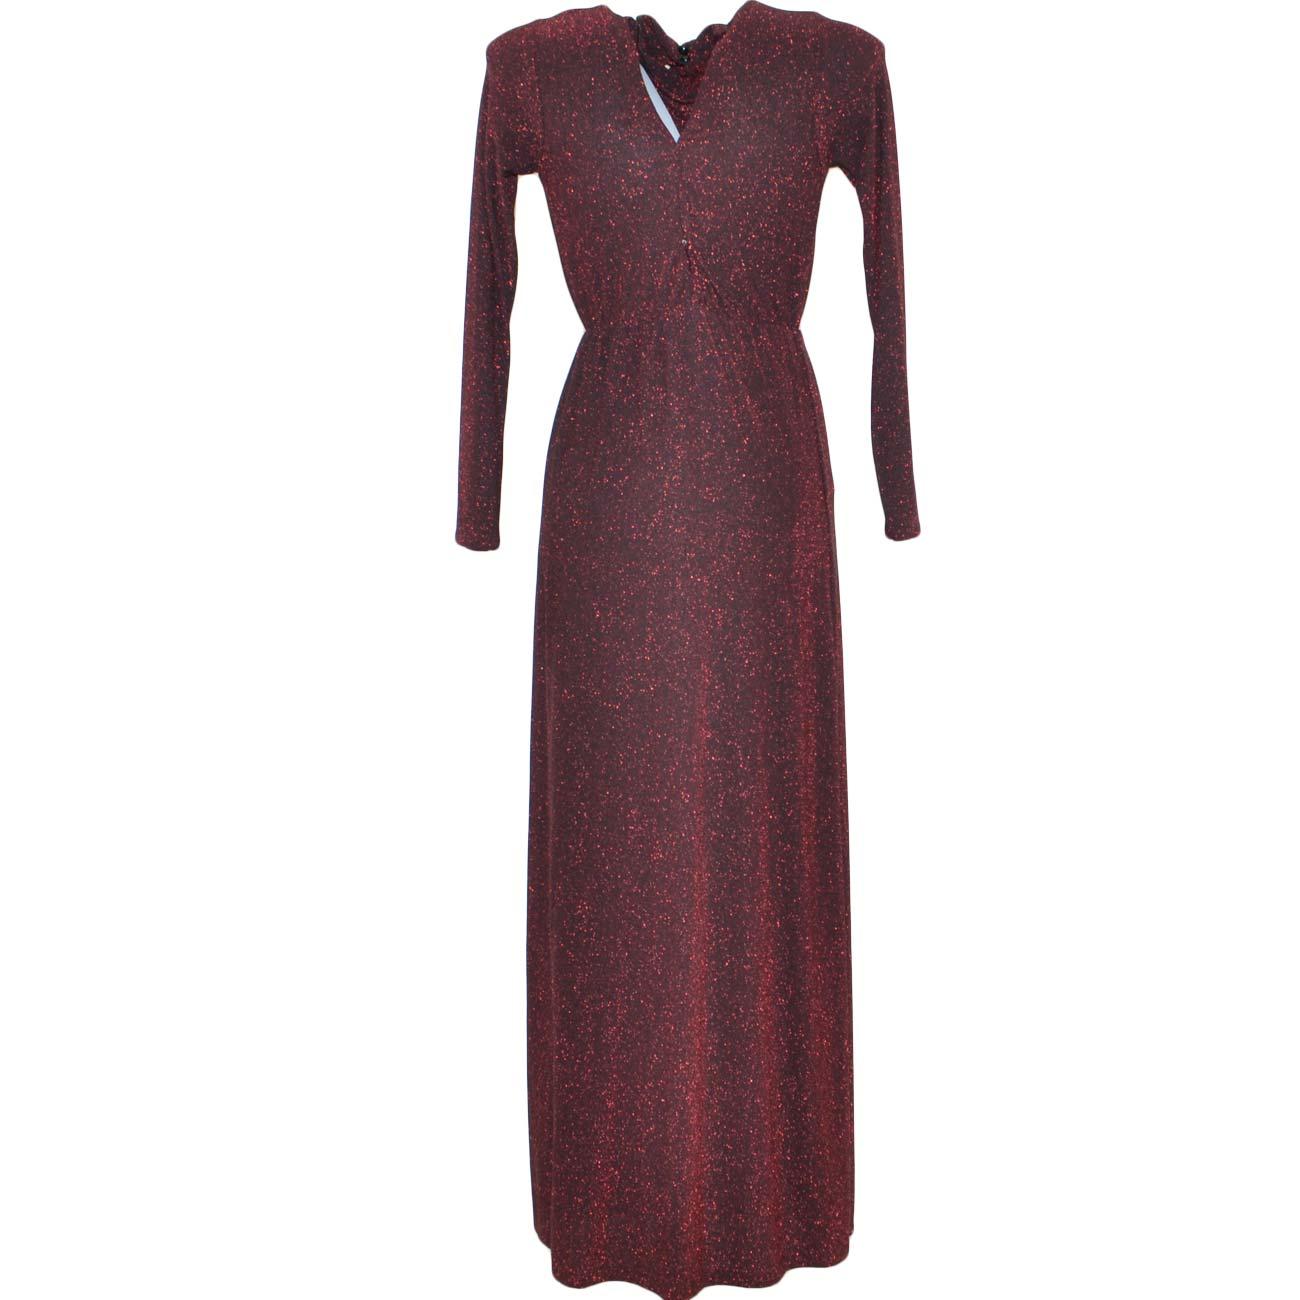 3e388147a72b Abito donna lungo glitterato con spacco e schiena scoperta in spandex nero  glitterato rosso a collo alto moda glamour donna abiti Malu shoes